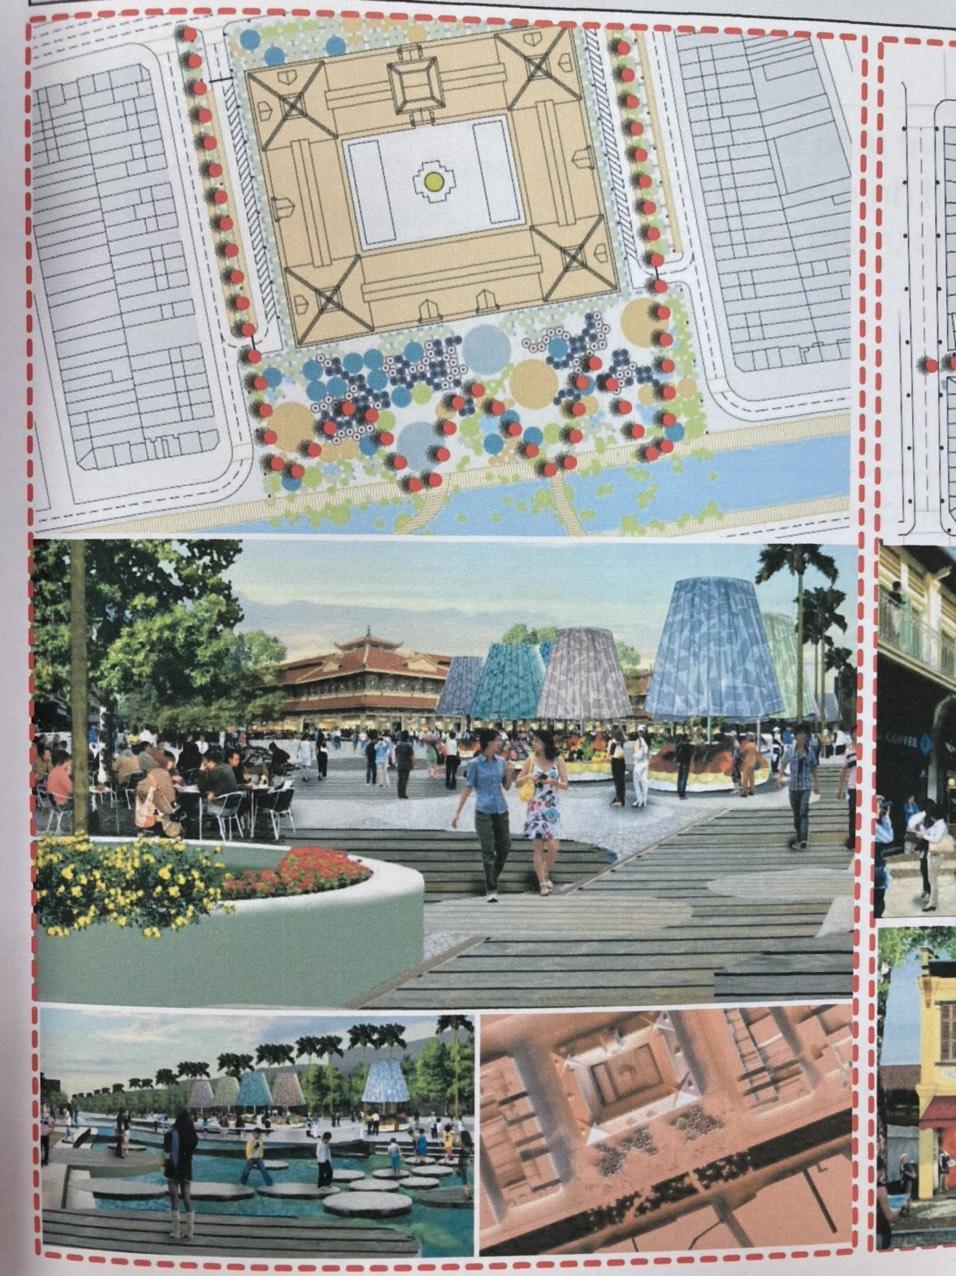 Phương án cải tạo không gian xung quanh chợ Bình Tây của DCU (Tây Ban Nha)